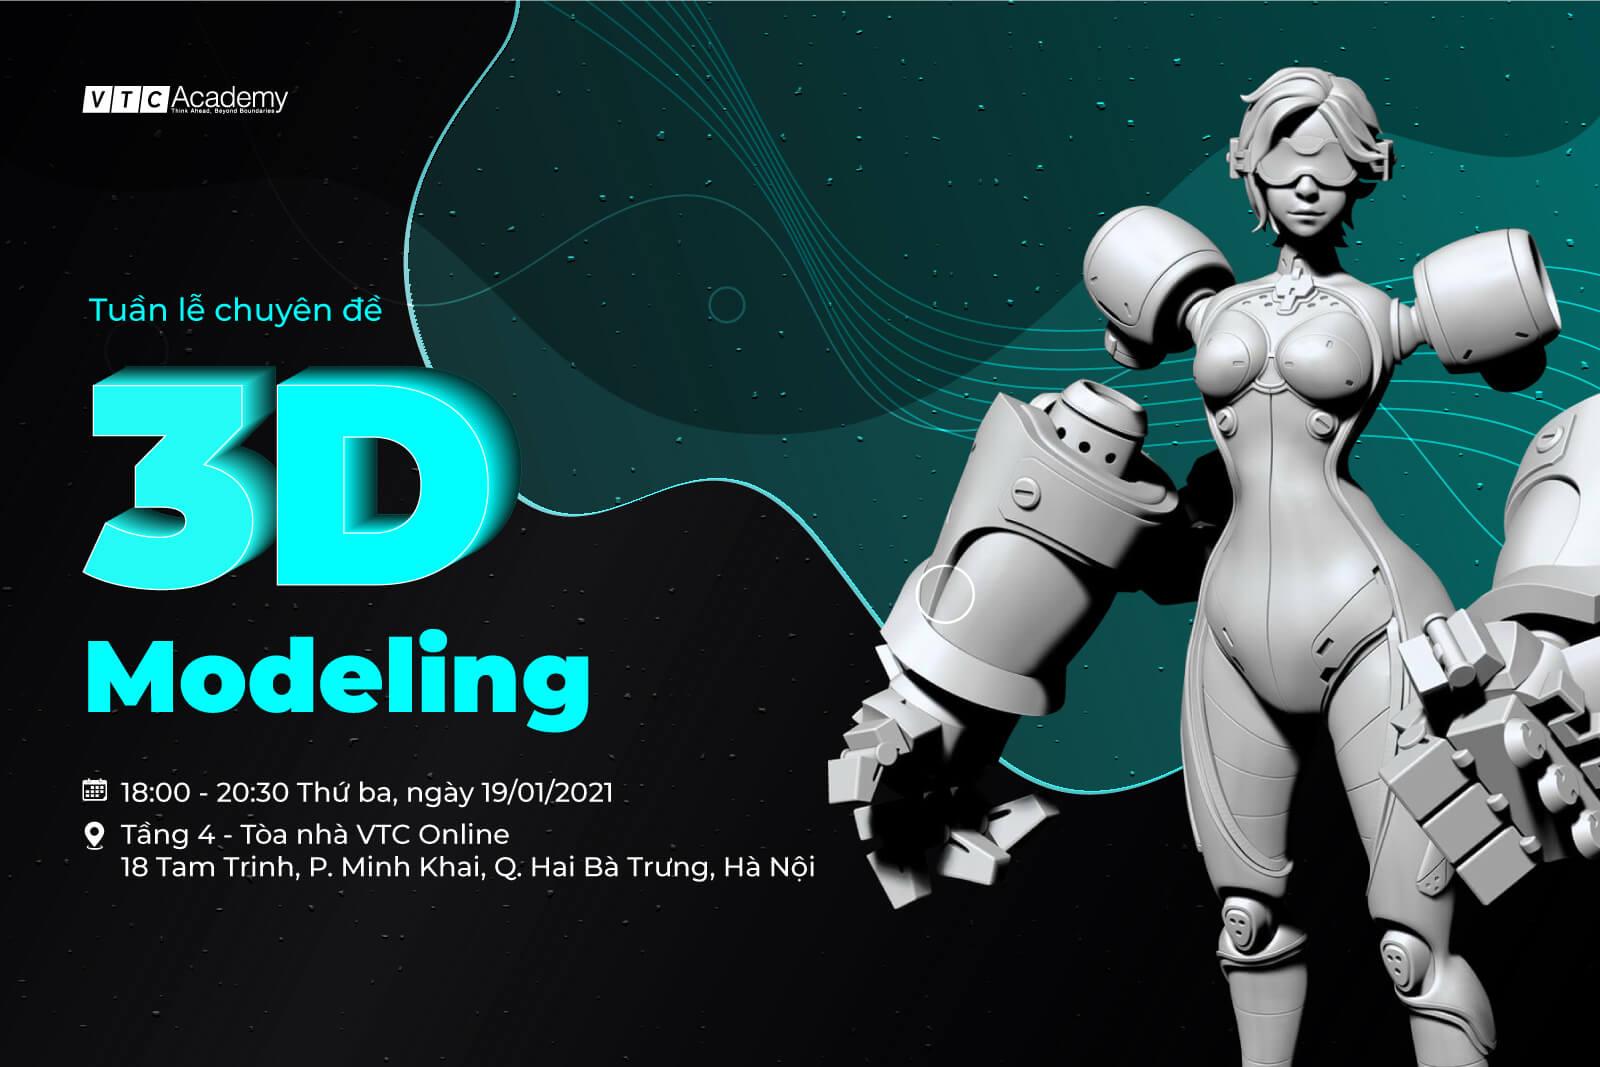 Tuần lễ chuyên đề Dựng hình 3D tại Hà Nội